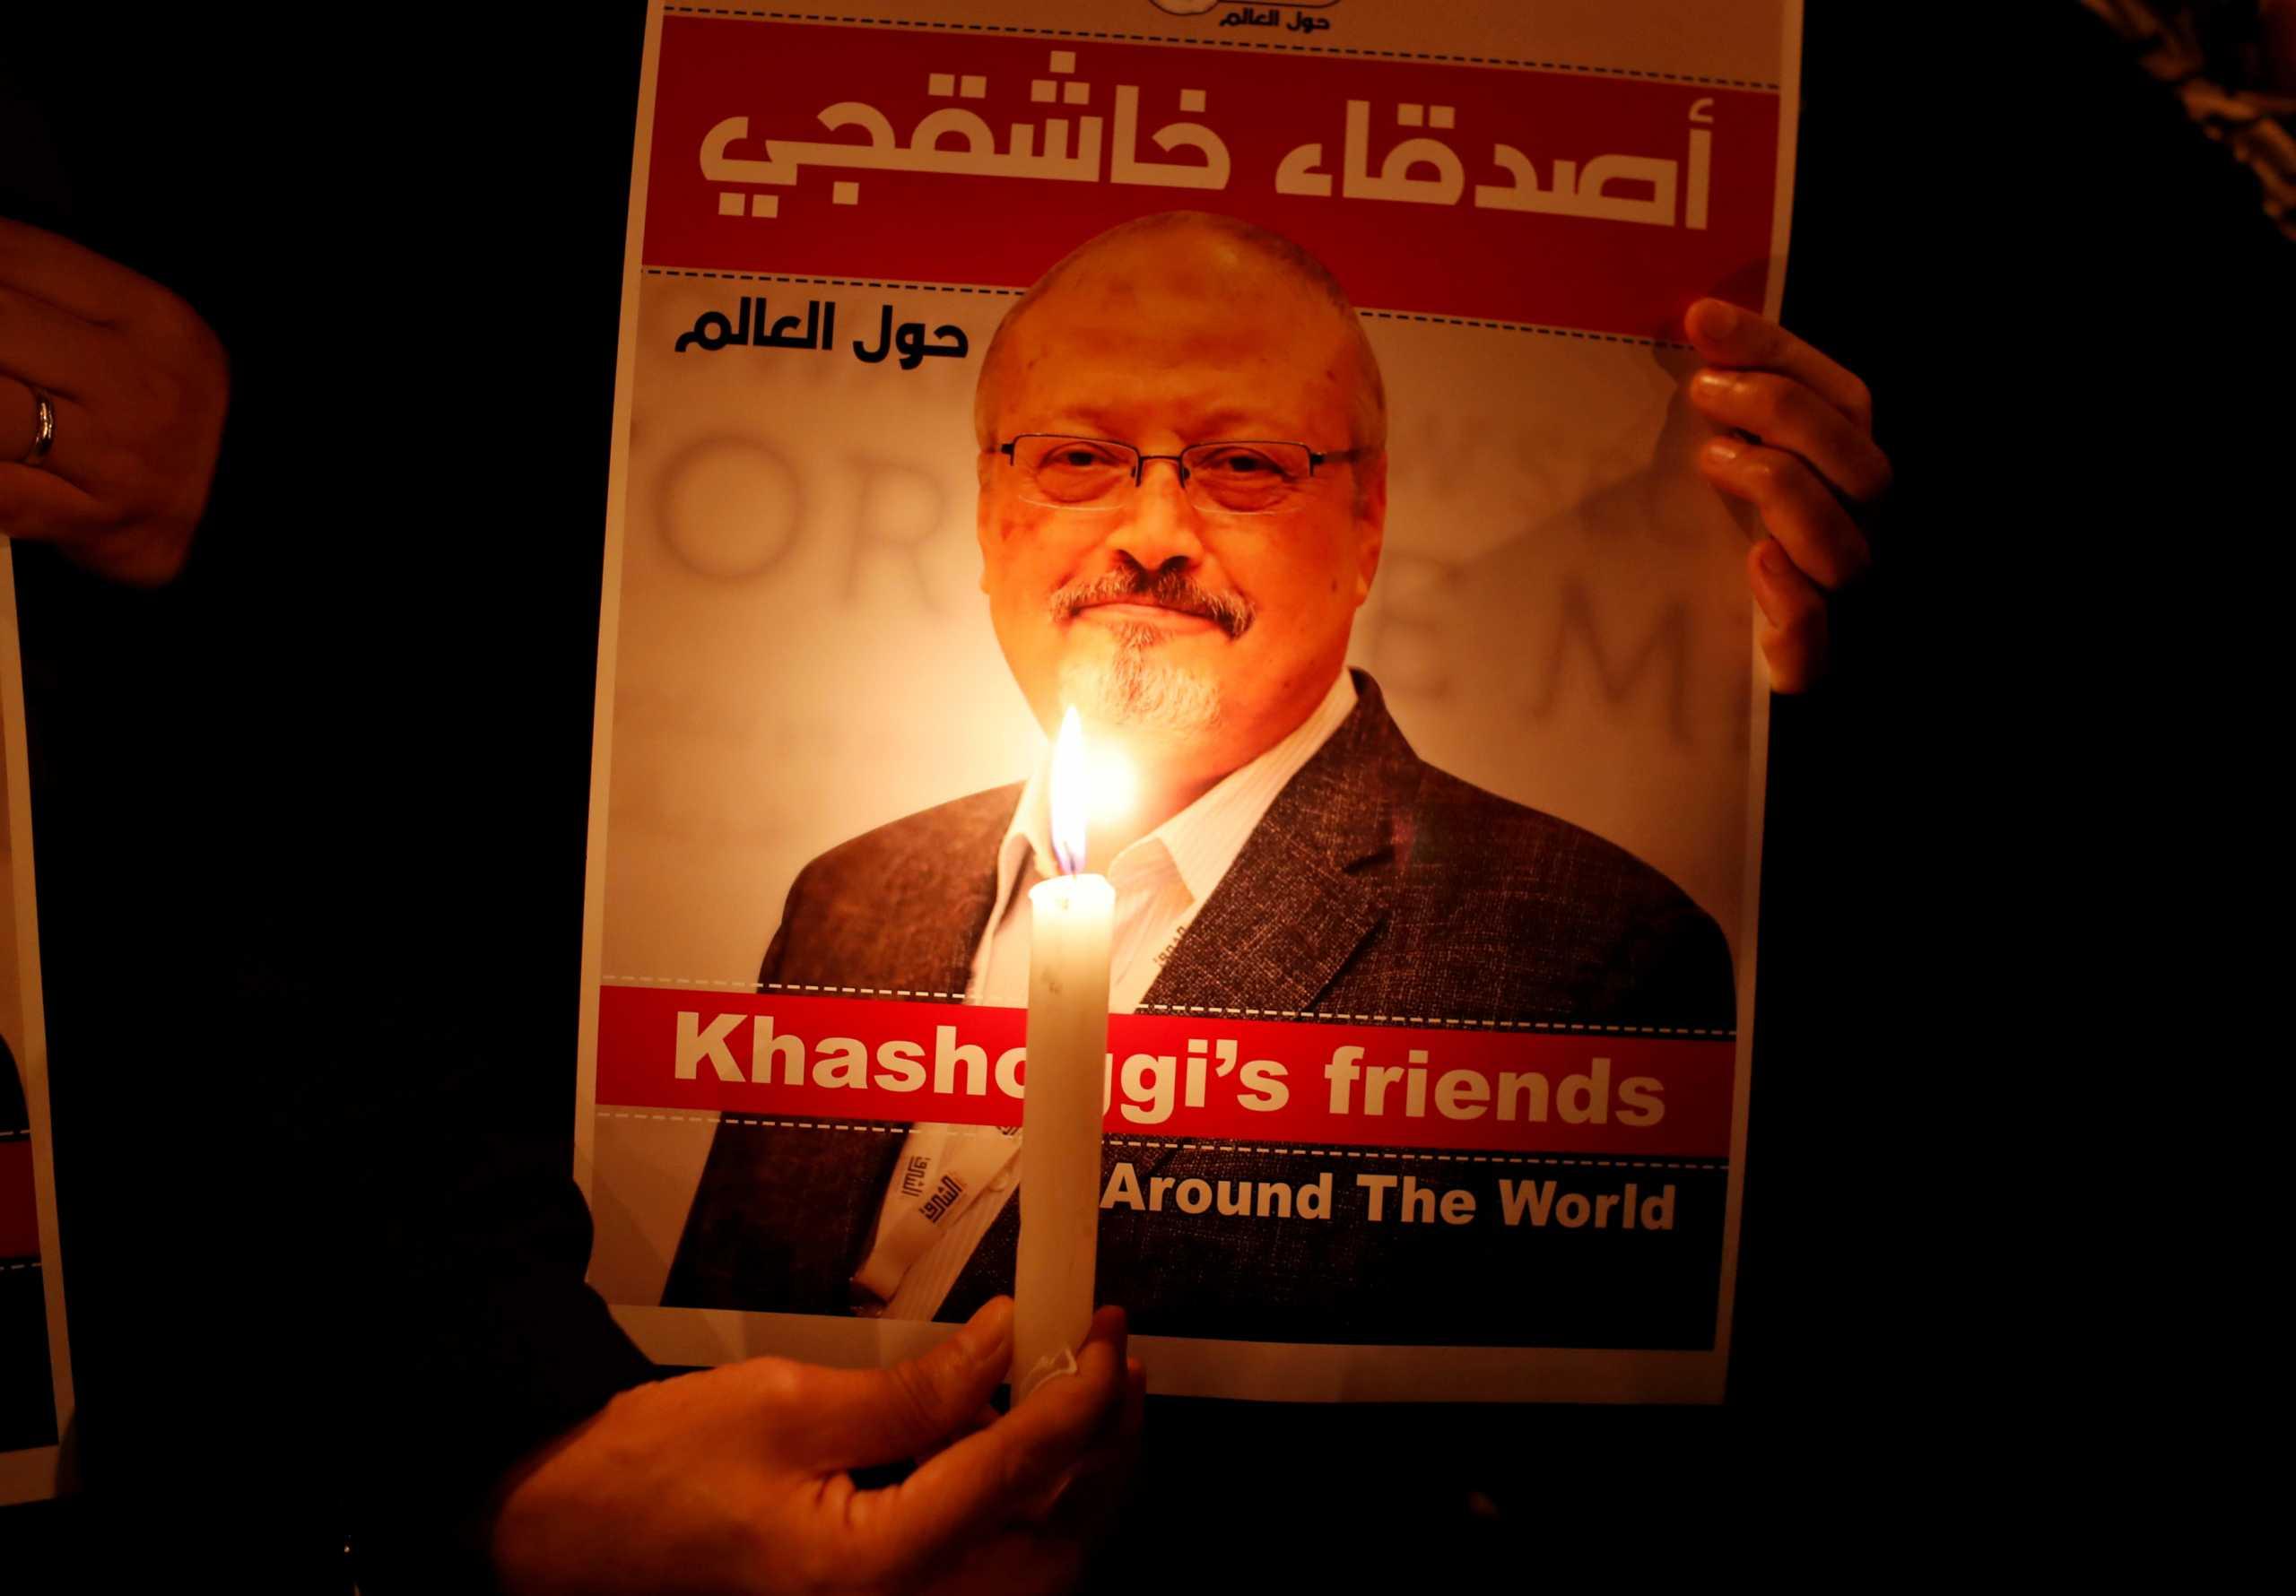 Αναστέλλεται η χορήγηση βίζας σε 76 Σαουδάραβες για την υπόθεση Κασόγκι